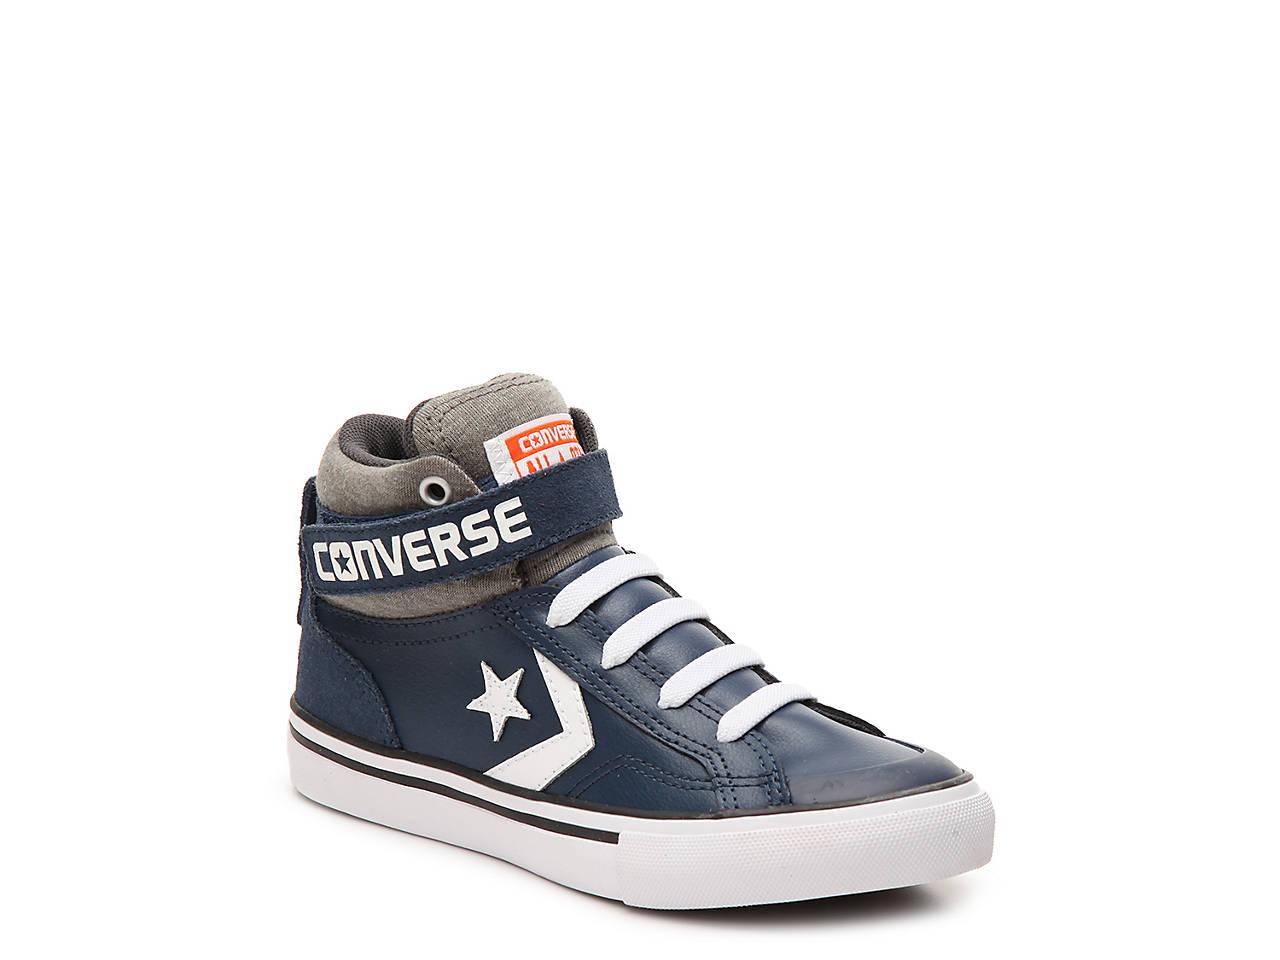 Chuck Taylor All Star Pro Blaze High-Top Sneaker - Kids'